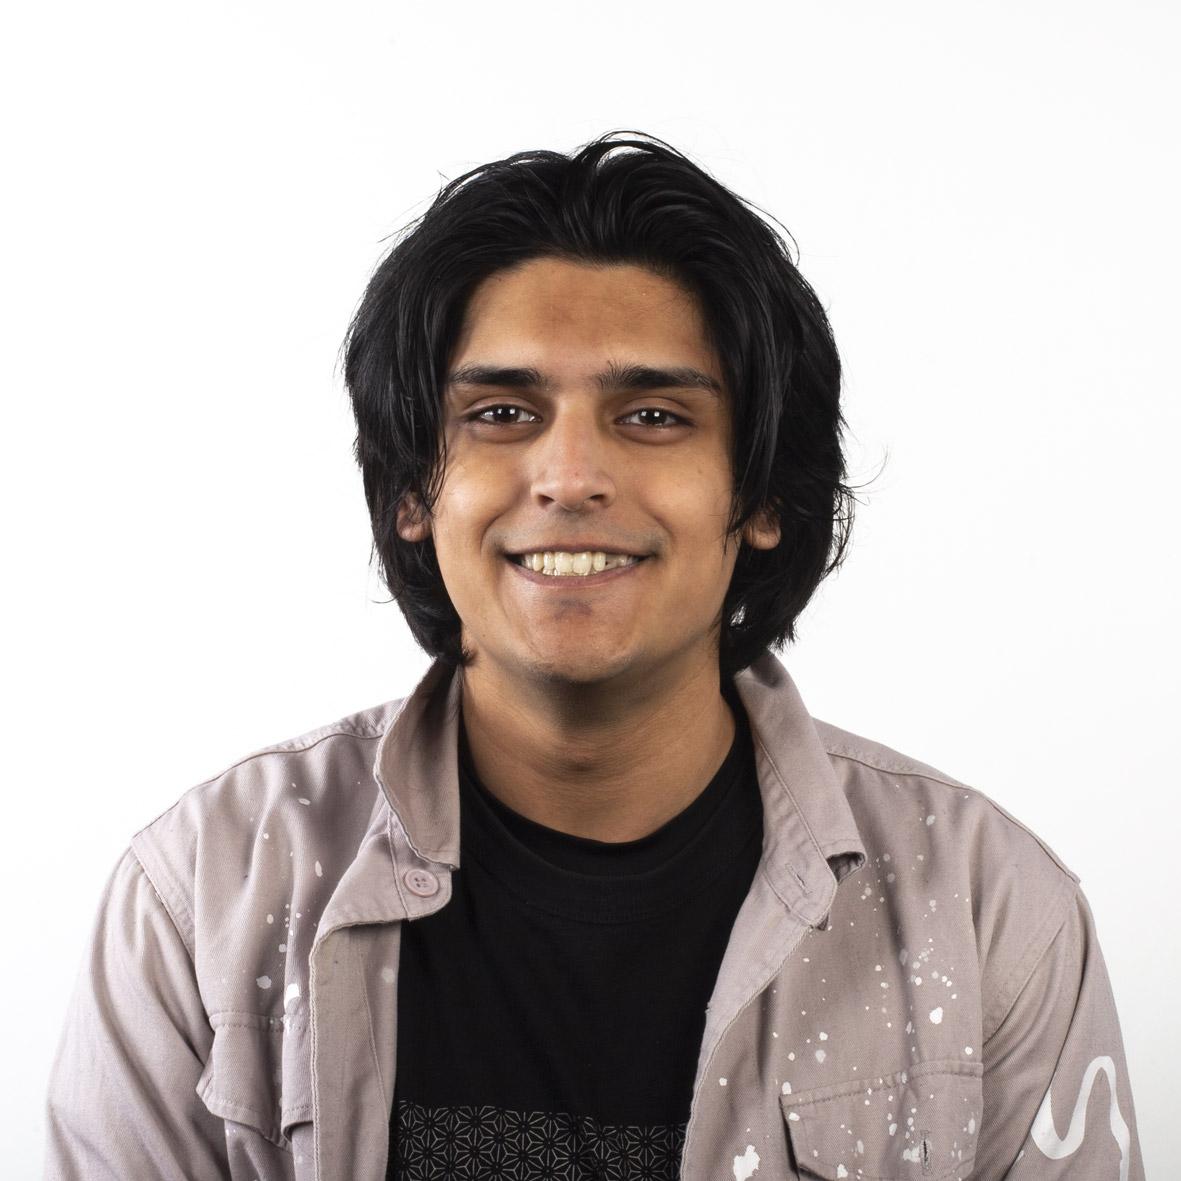 Abdul Abdullah